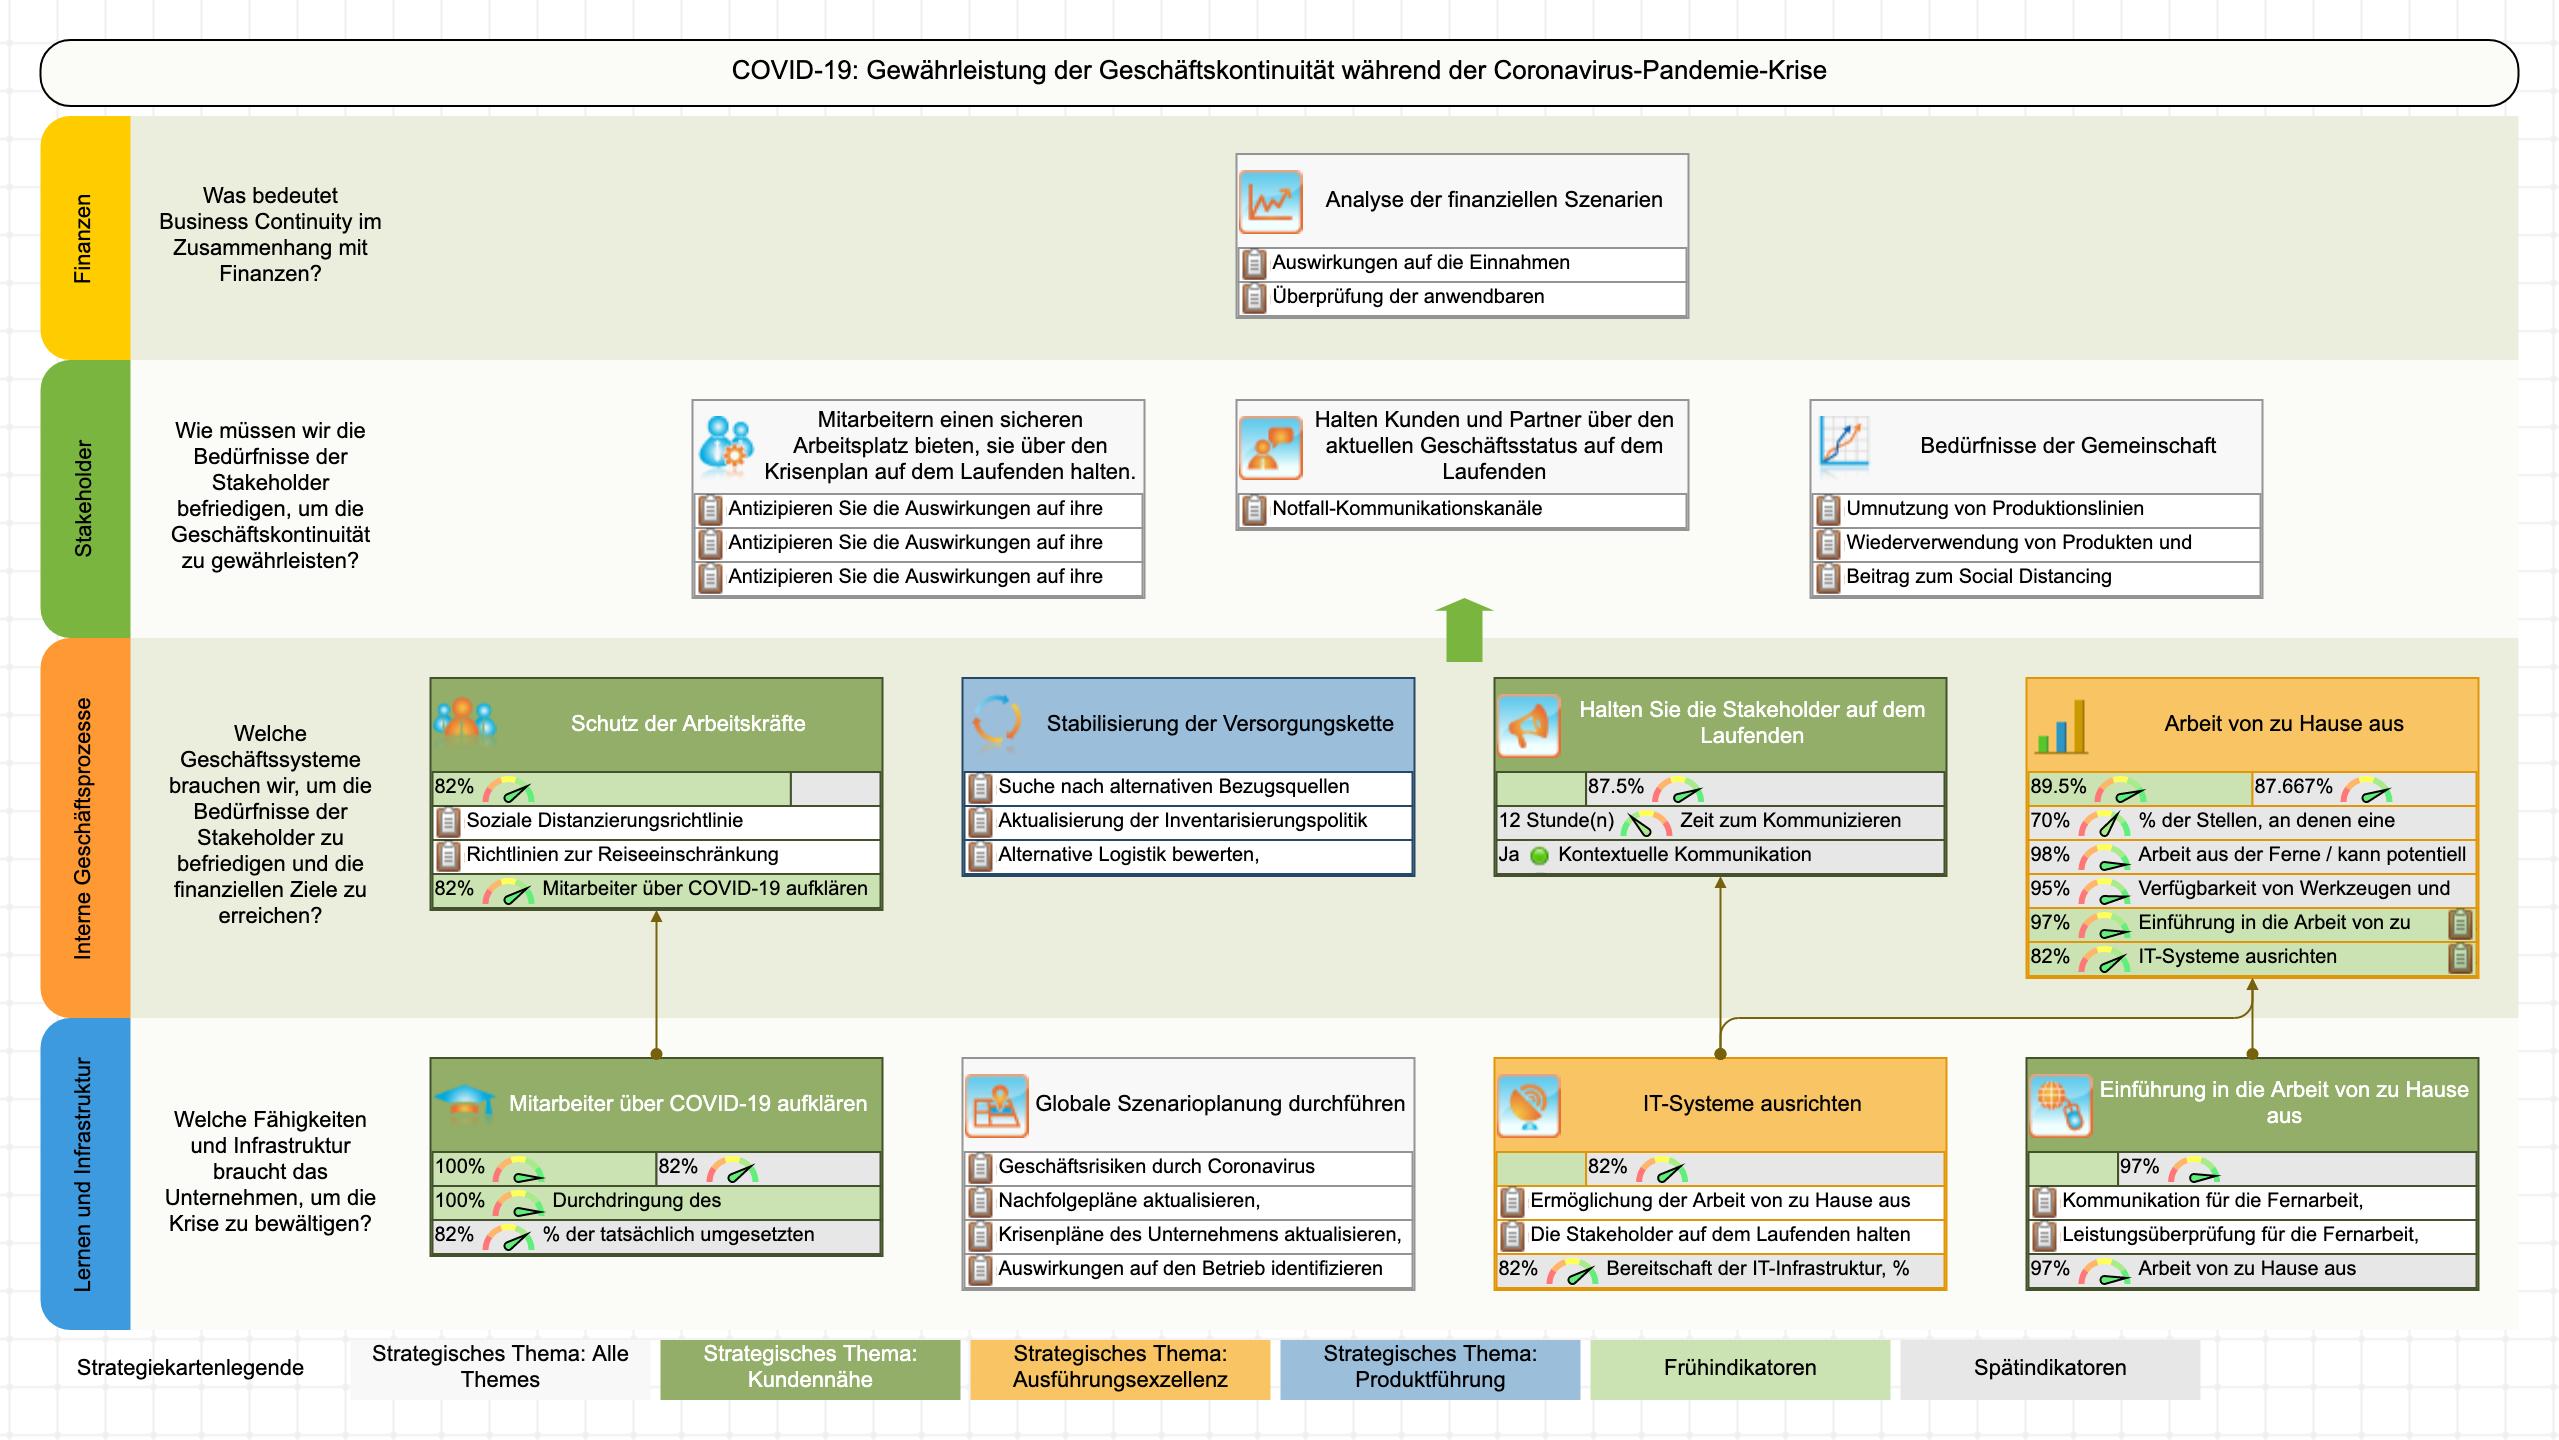 COVID 19 - eine Strategiekartenvorlage für die Coronavirus-Reaktionsstrategie